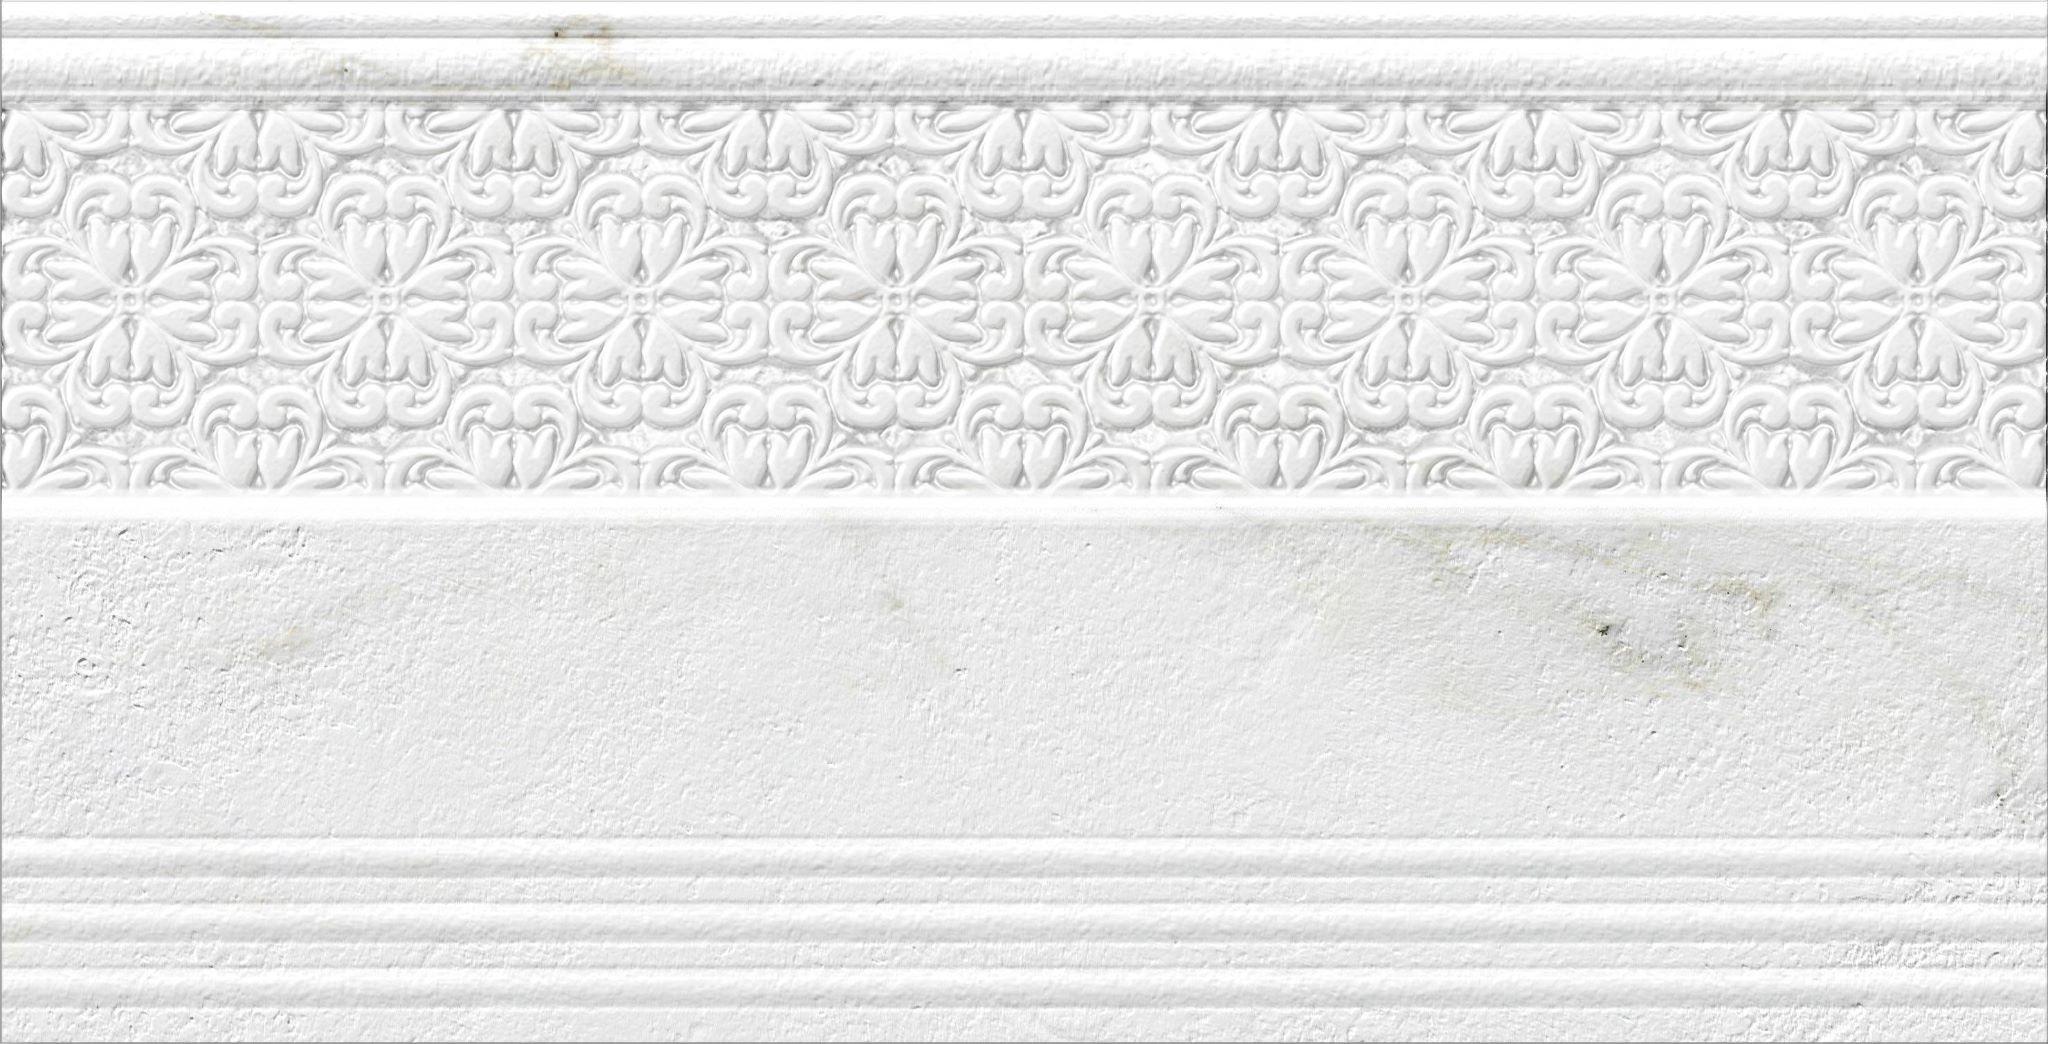 Бордюр Atlantic Tiles Zoc Palazzo 15х29,5 бордюр blau versalles zoc michelle 13x25